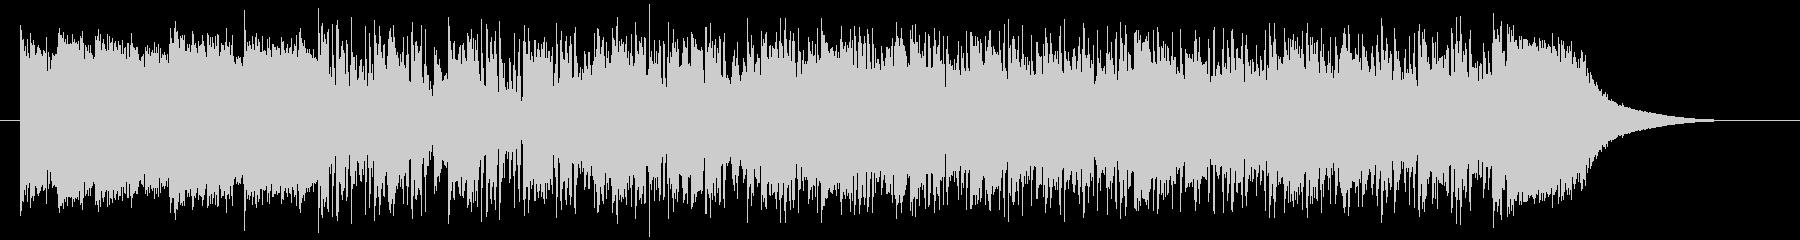 ファンキー&ファンタジックシンセサウンドの未再生の波形